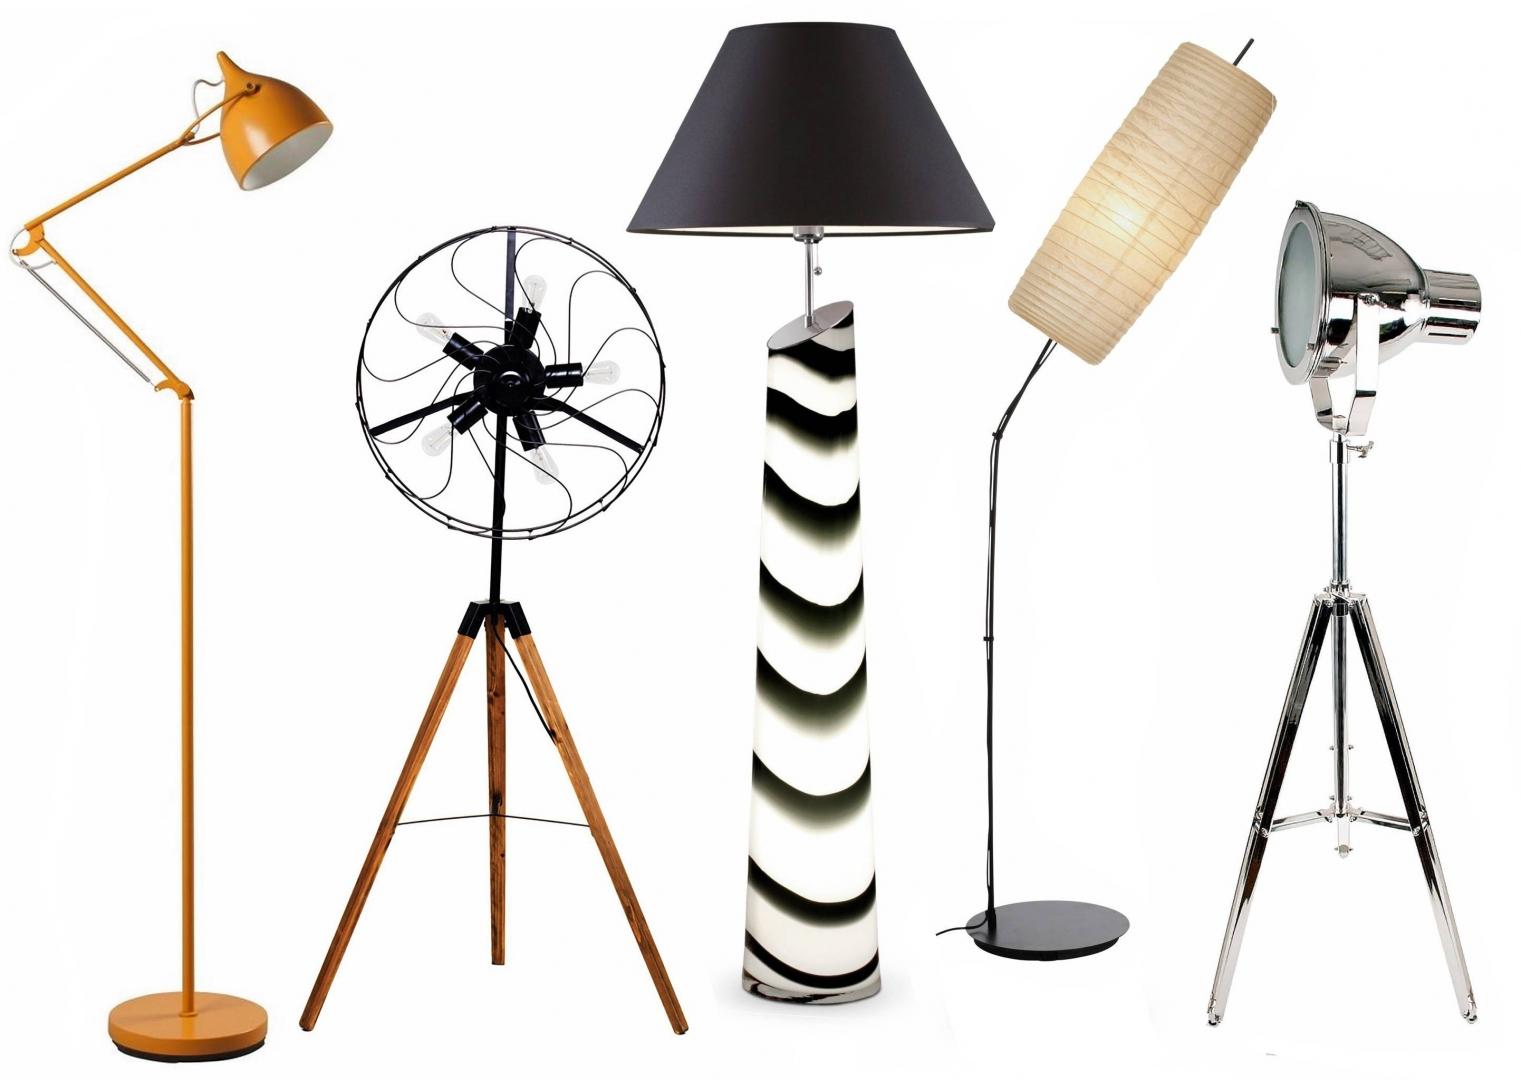 lampy stojące do małych pomieszczen